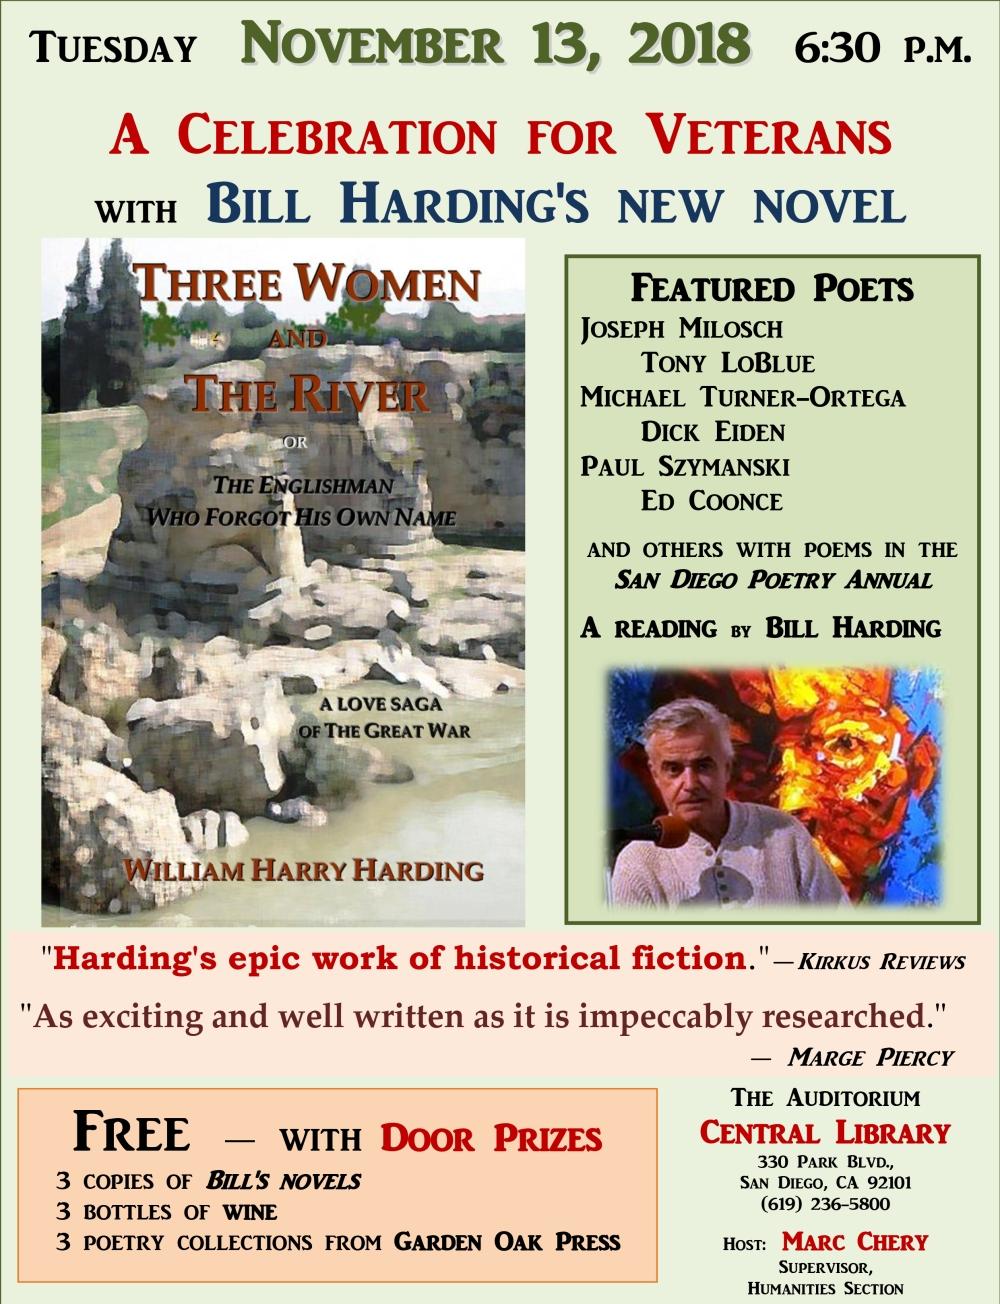 bharding-novel